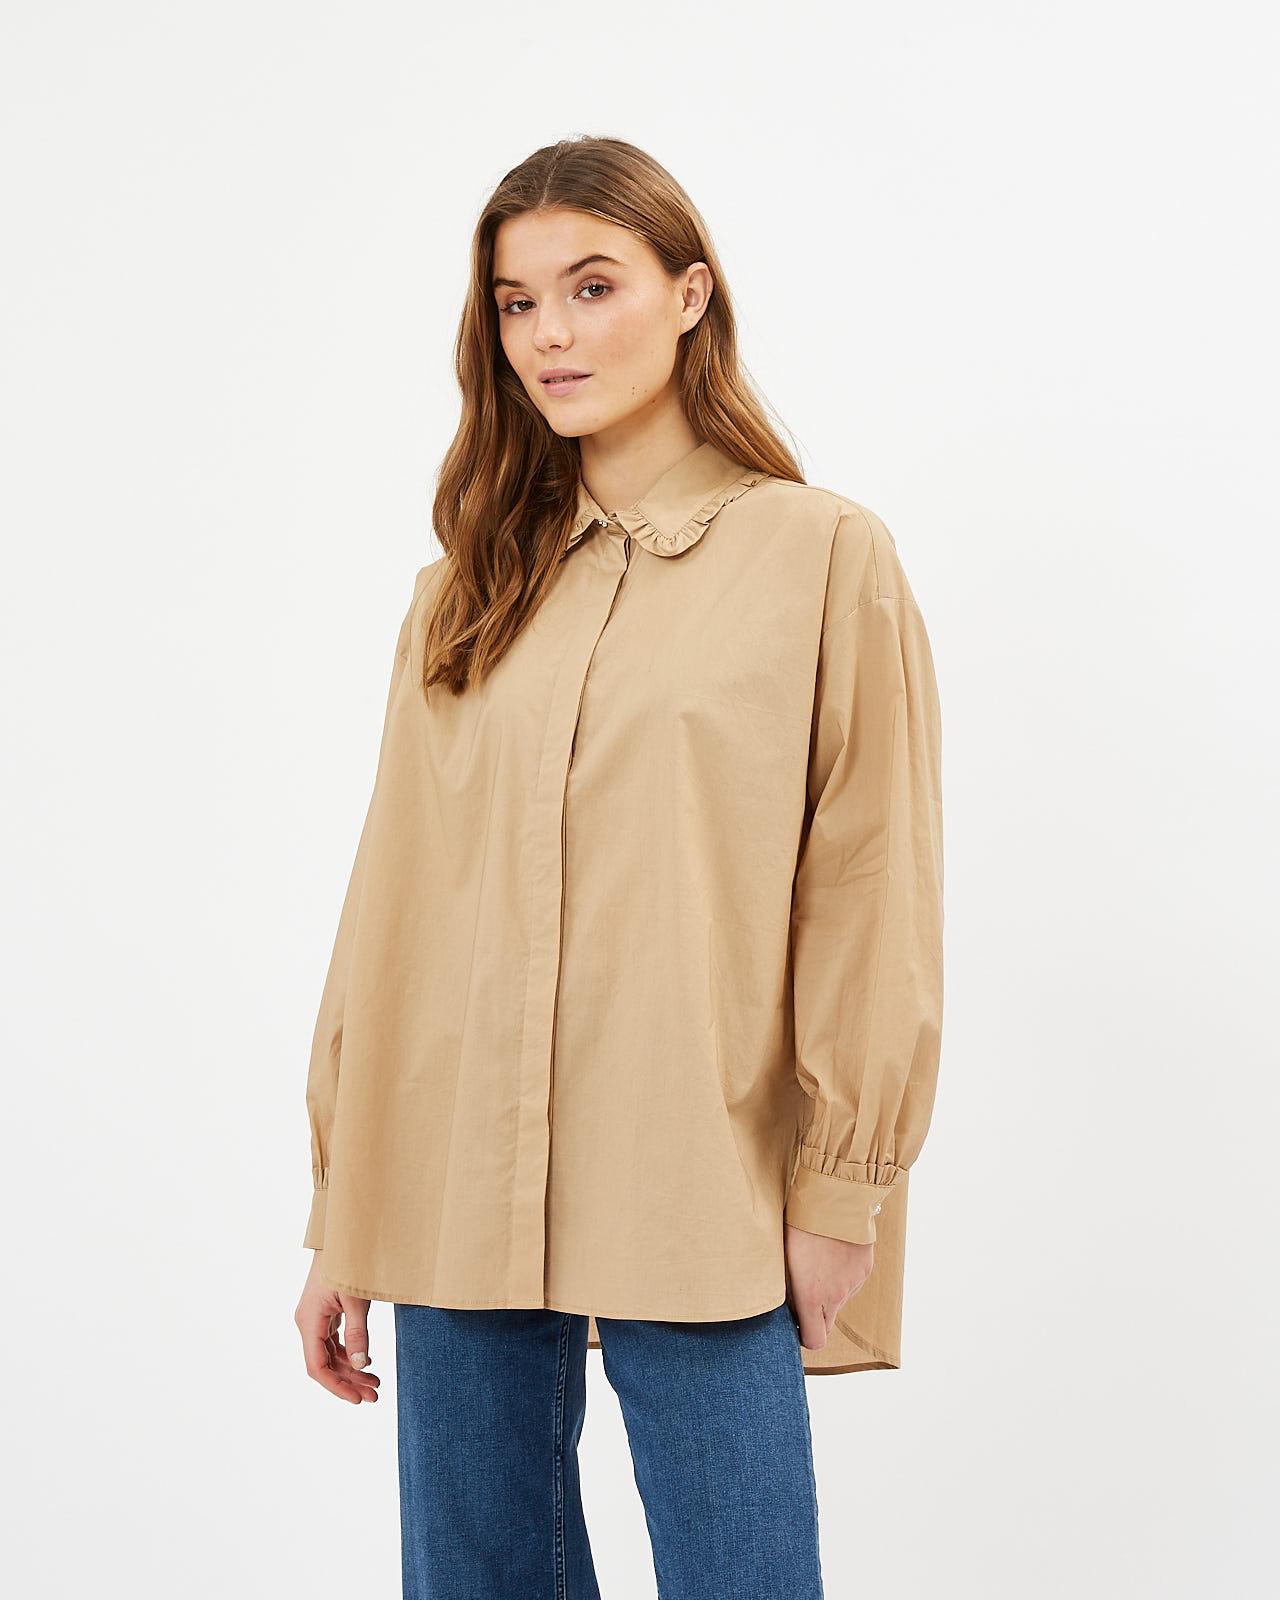 Tillena shirt